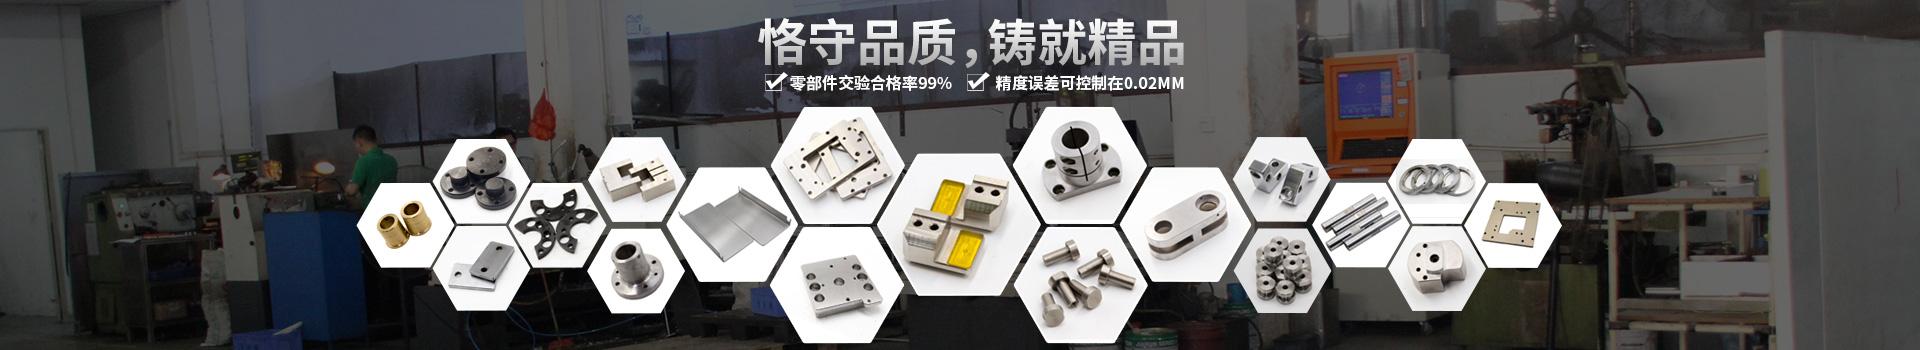 精密机械加工——恪守品质,铸就精品